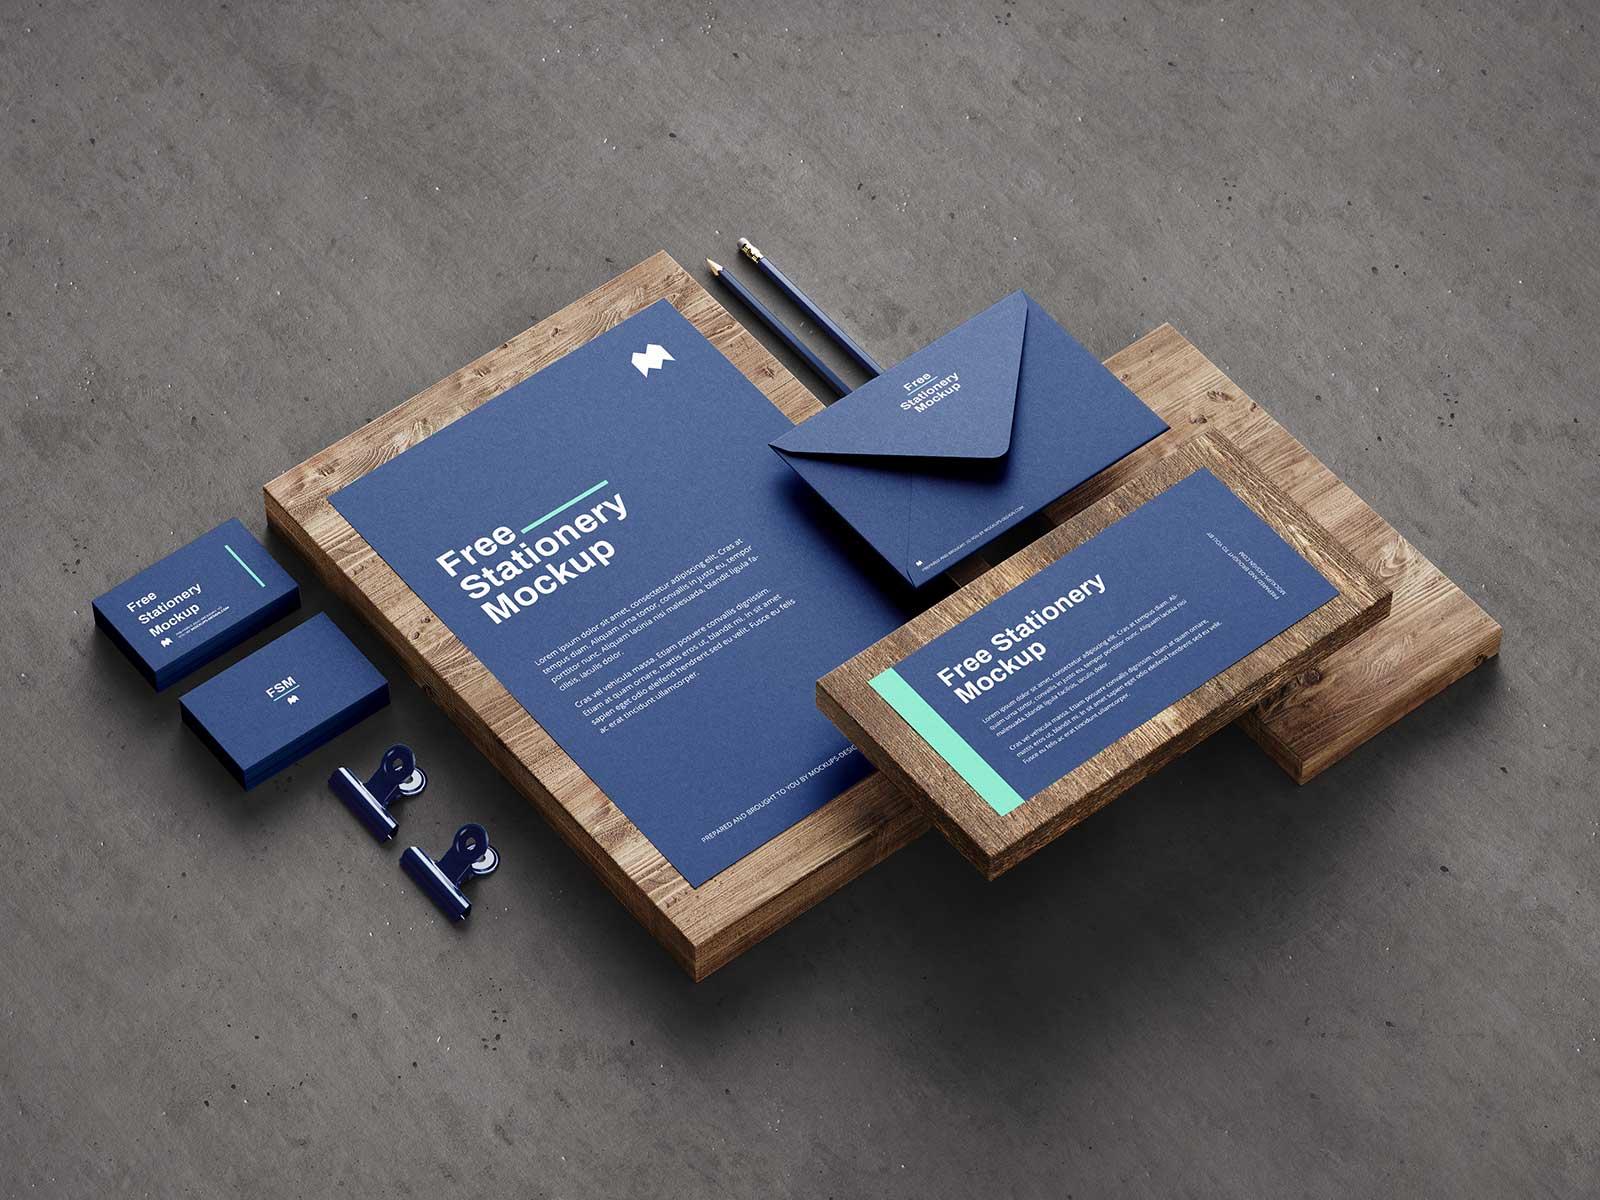 Download Free Wooden Planks Stationery Mockup PSD Set - Good Mockups Free Mockups